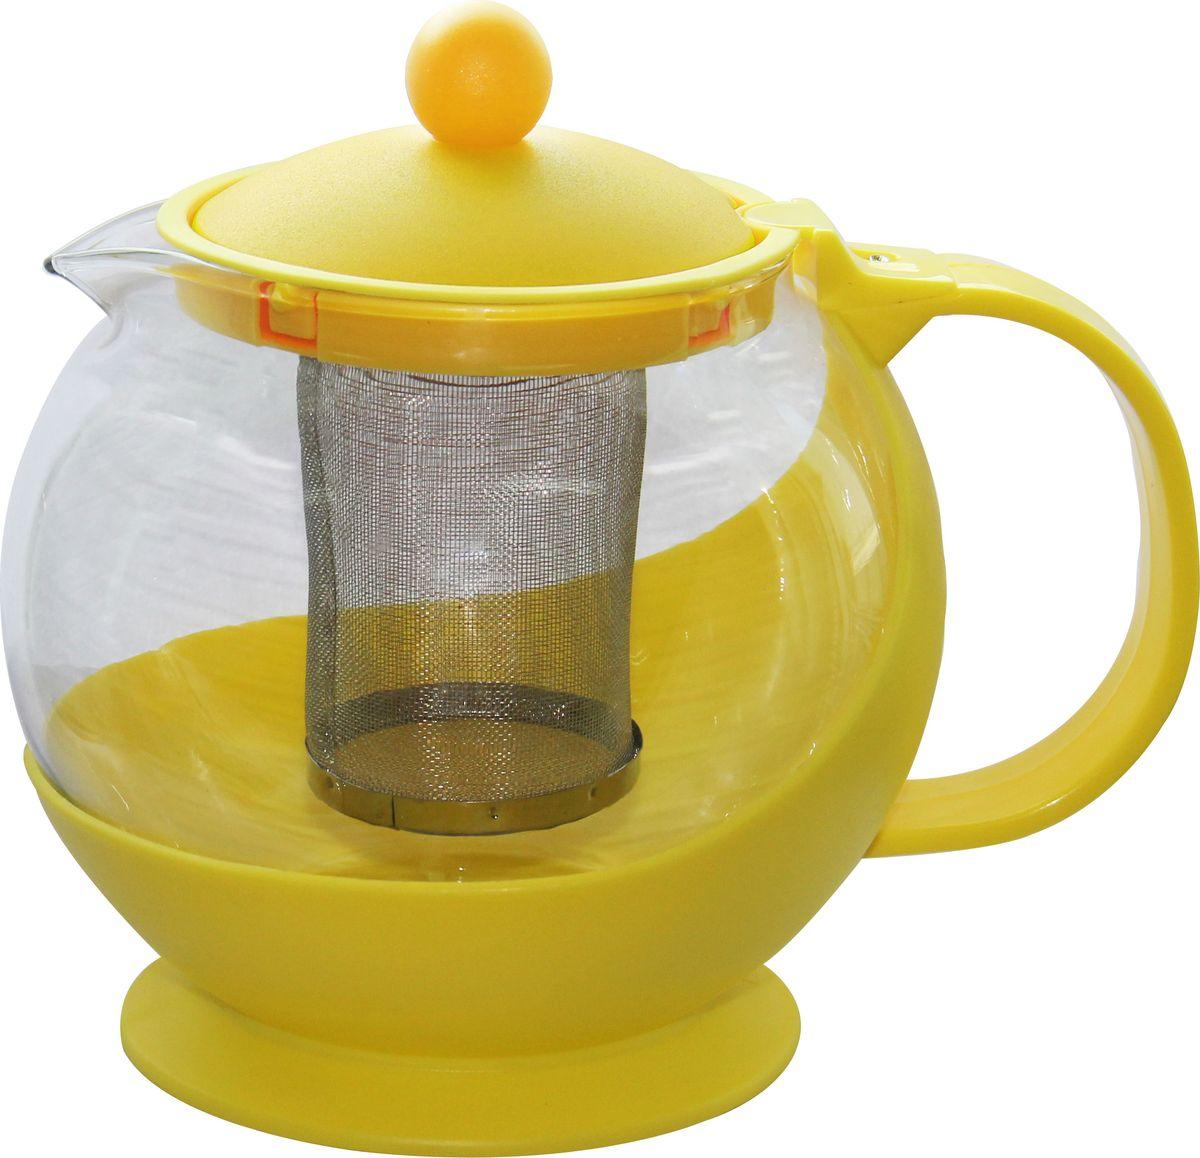 Чайник заварочный Irit, цвет: желтый, 1,25 лKTZ-125-003Чайник заварочный,1,25л, термостойкий не нагревающийся пластик, ударостойкое жаропрочное стекло, фильтр из высококачественной хромо-никелевой нержавеющей стали